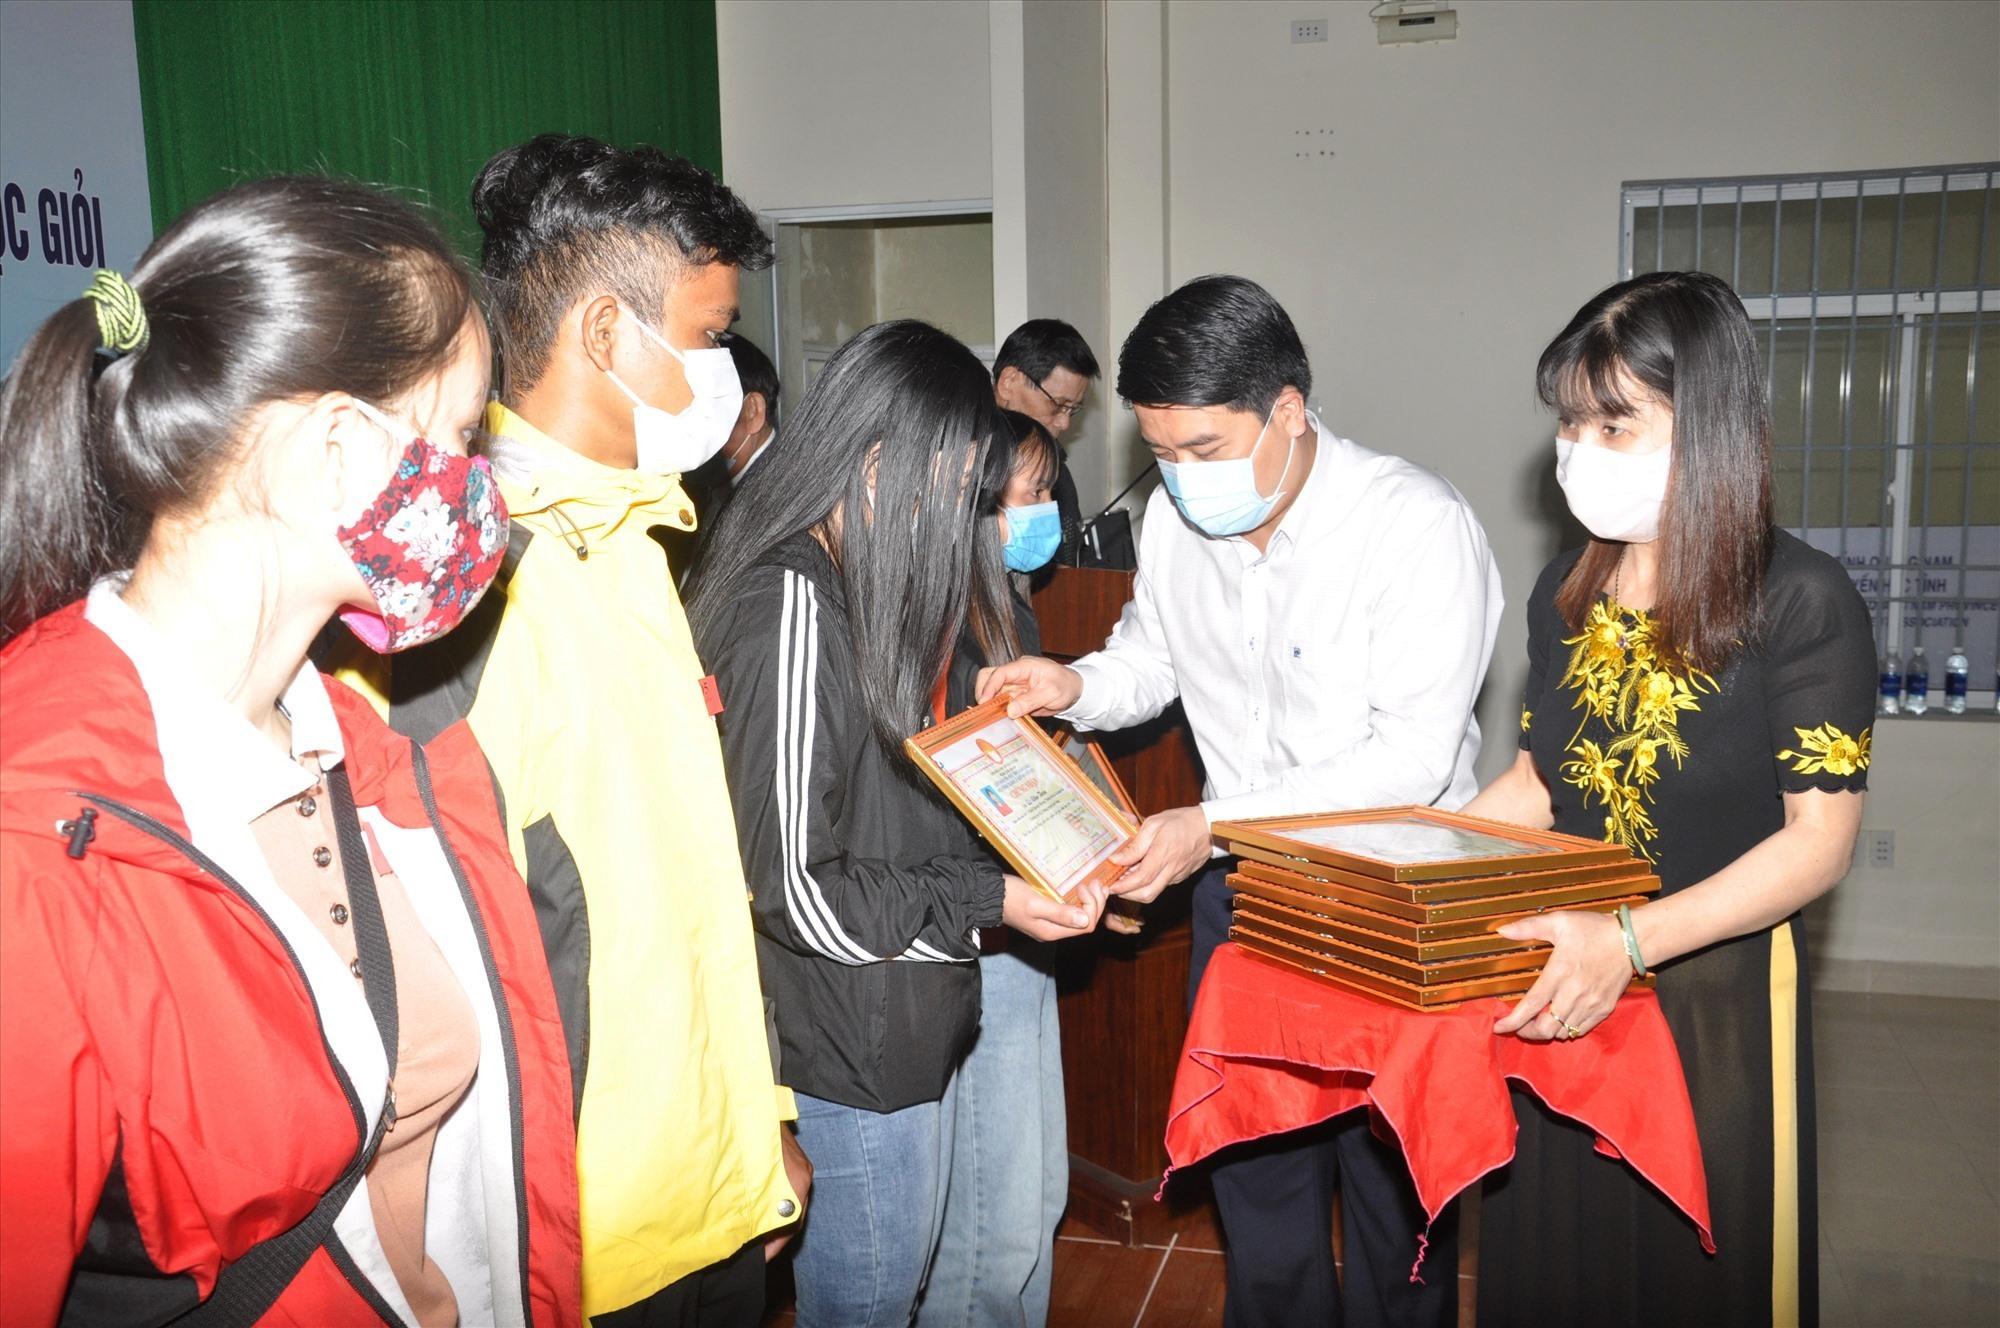 Phó Chủ tịch UBND tỉnh Trần Văn Tân trao giấy chứng nhận và học bổng khuyến học cho sinh viên nghèo học giỏi. Ảnh: X.P